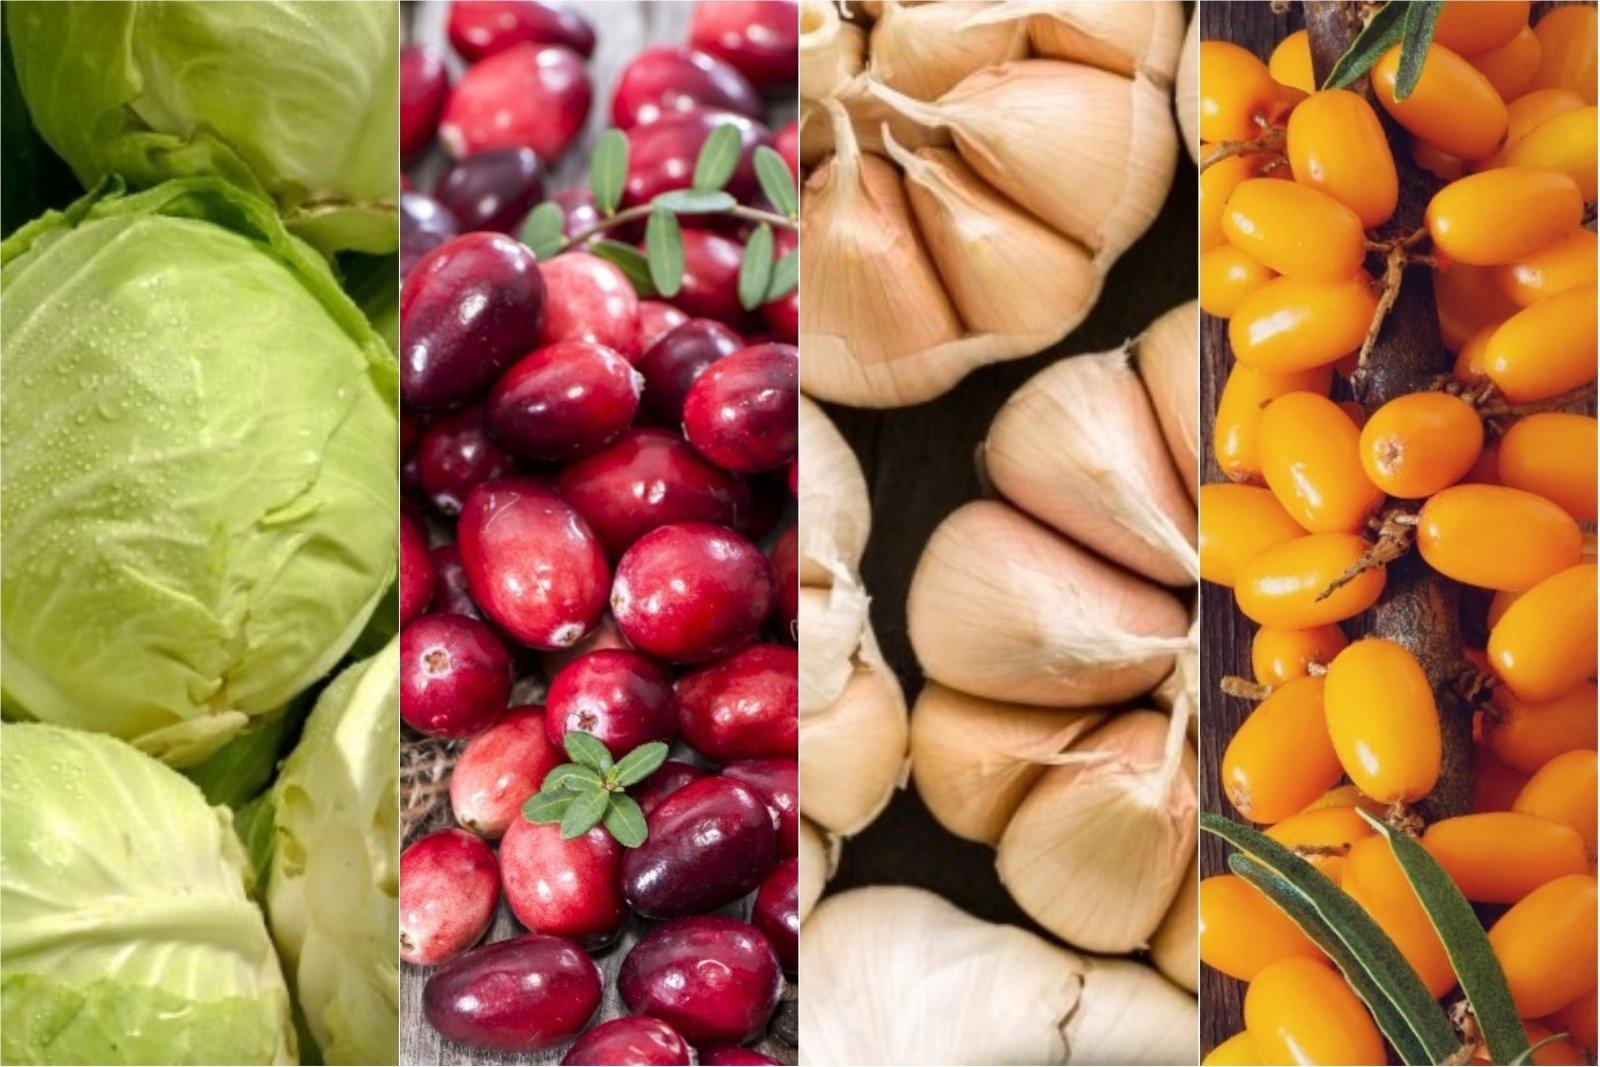 Koks maistas pavojingiausias širdžiai? | taf.lt